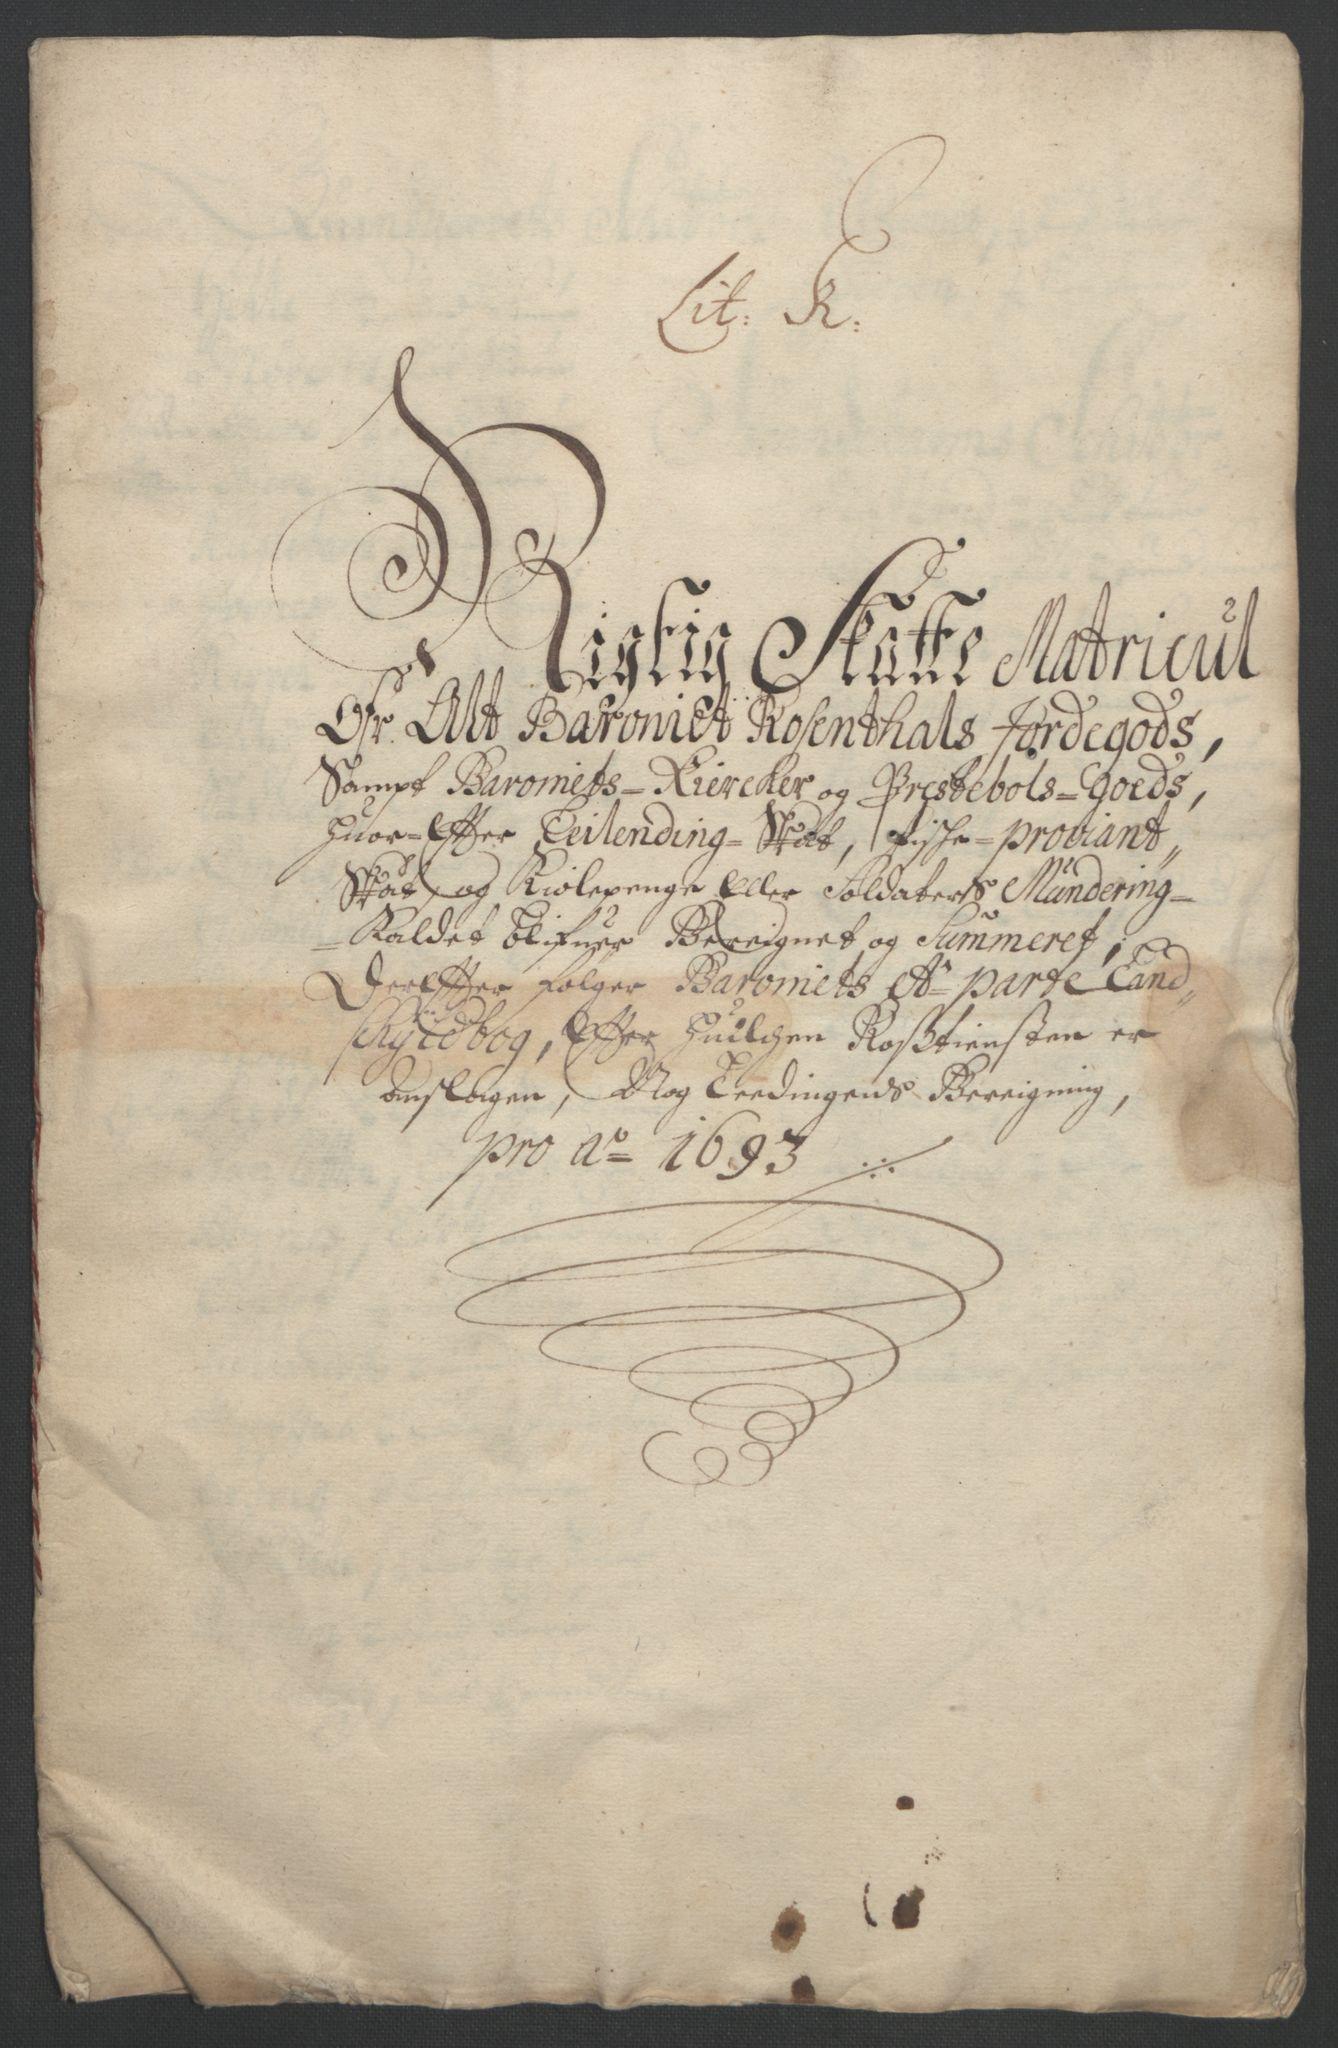 RA, Rentekammeret inntil 1814, Reviderte regnskaper, Fogderegnskap, R49/L3138: Fogderegnskap Rosendal Baroni, 1691-1714, s. 19